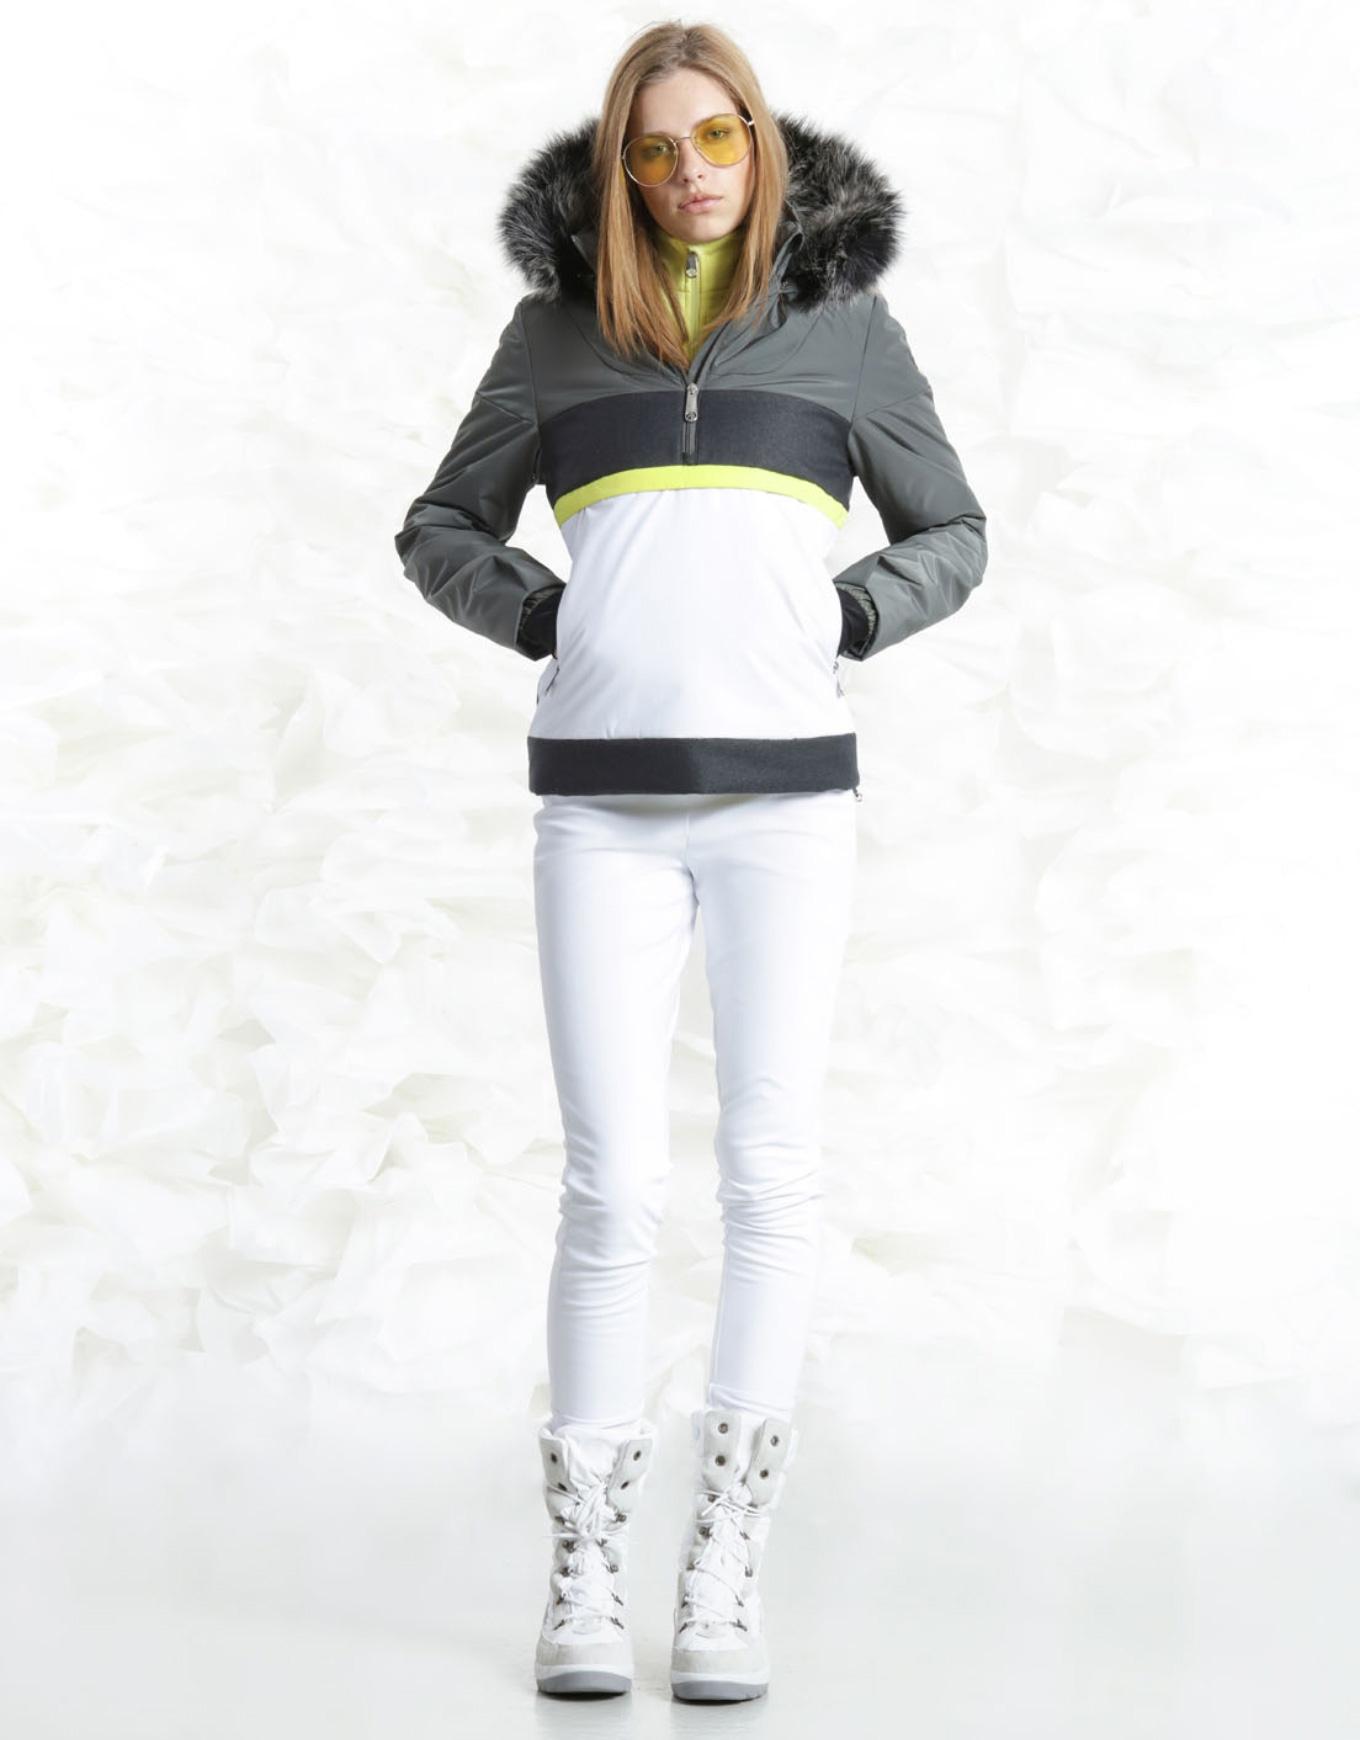 Ff Fun Blanc Ski Khaki W July Popover Jacket Poivre Greywhite xnUqFxw